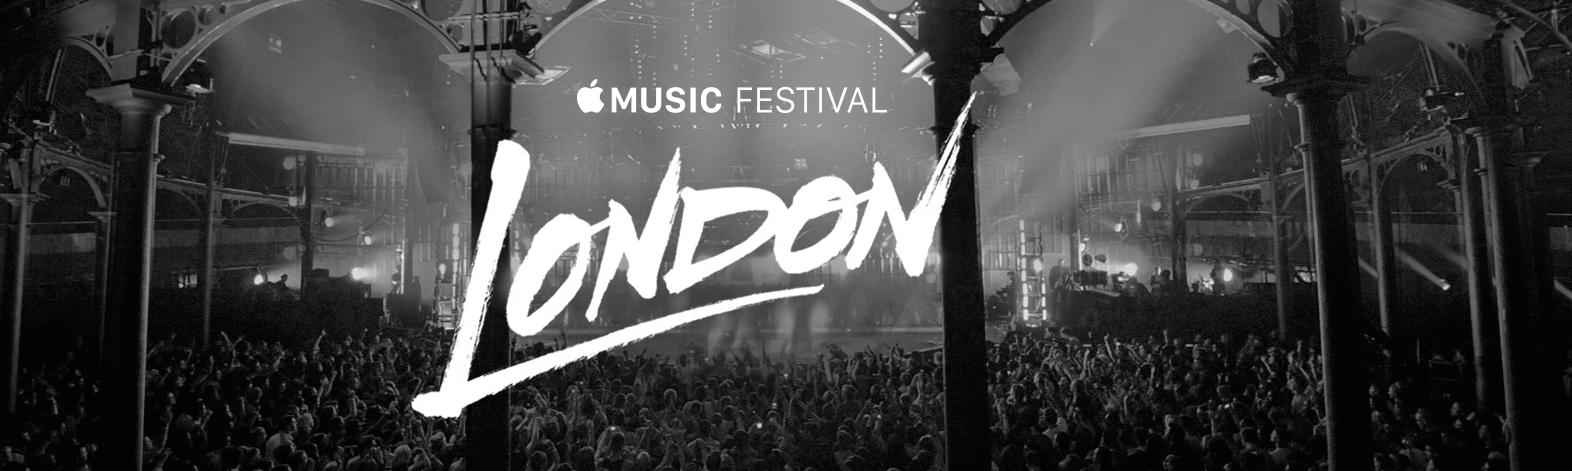 Apple Music Festival teaser 002